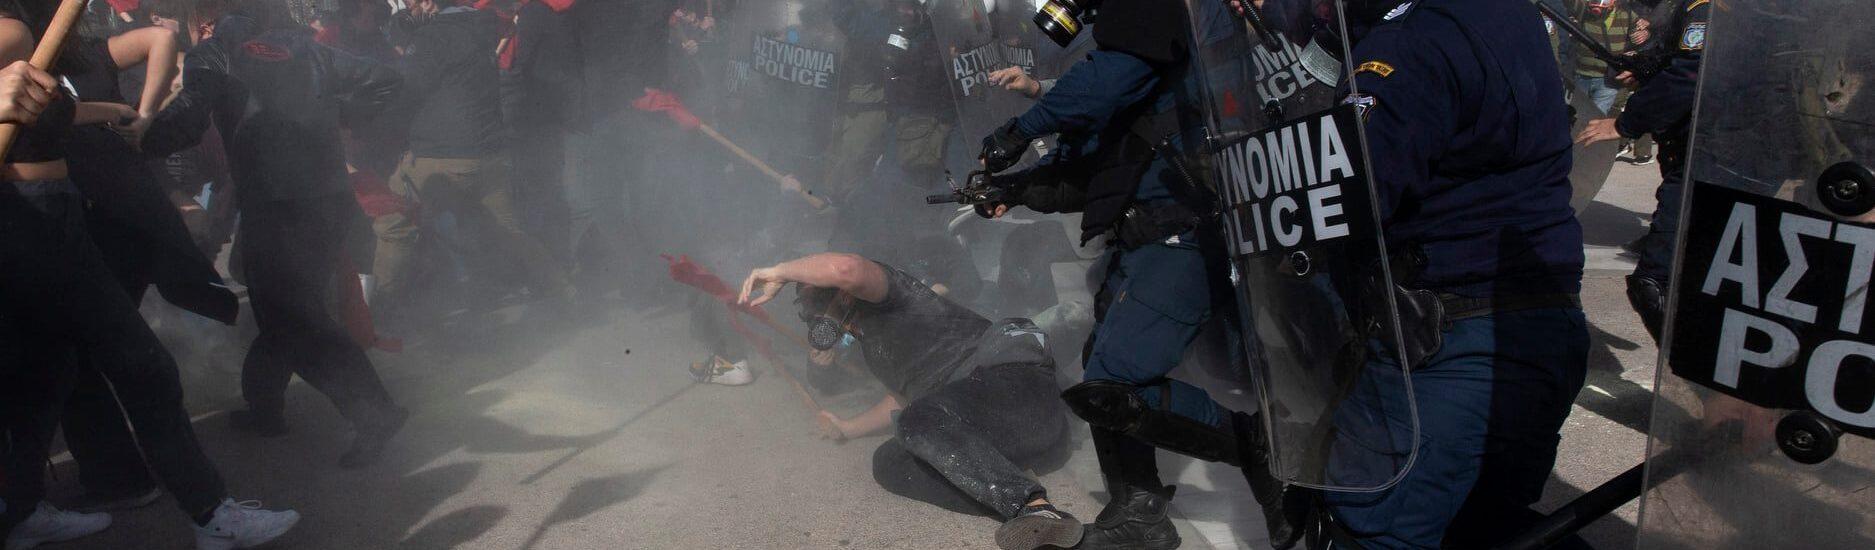 Καταγγελία 60χρονου που συνελήφθη στο πανεκπαιδευτικό συλλαλητήριο